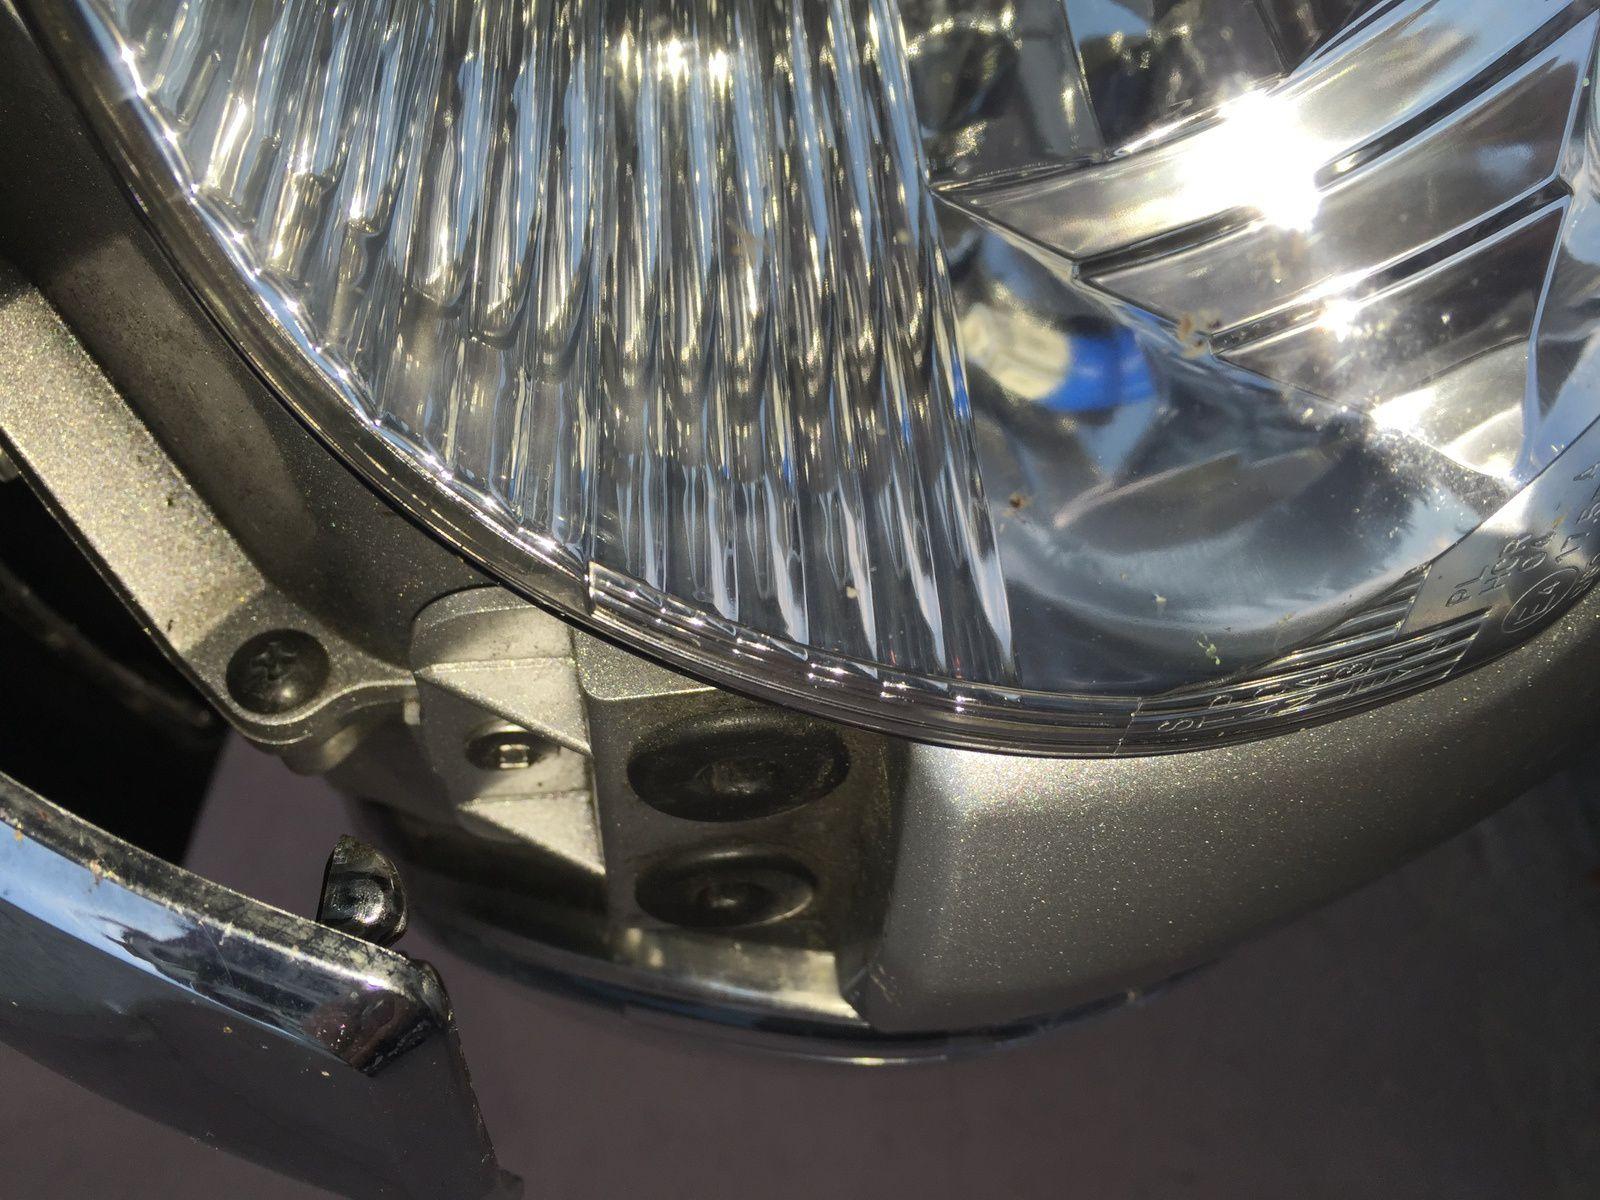 Goldwing - changer l'ampoule de la veilleuse sur la 1800